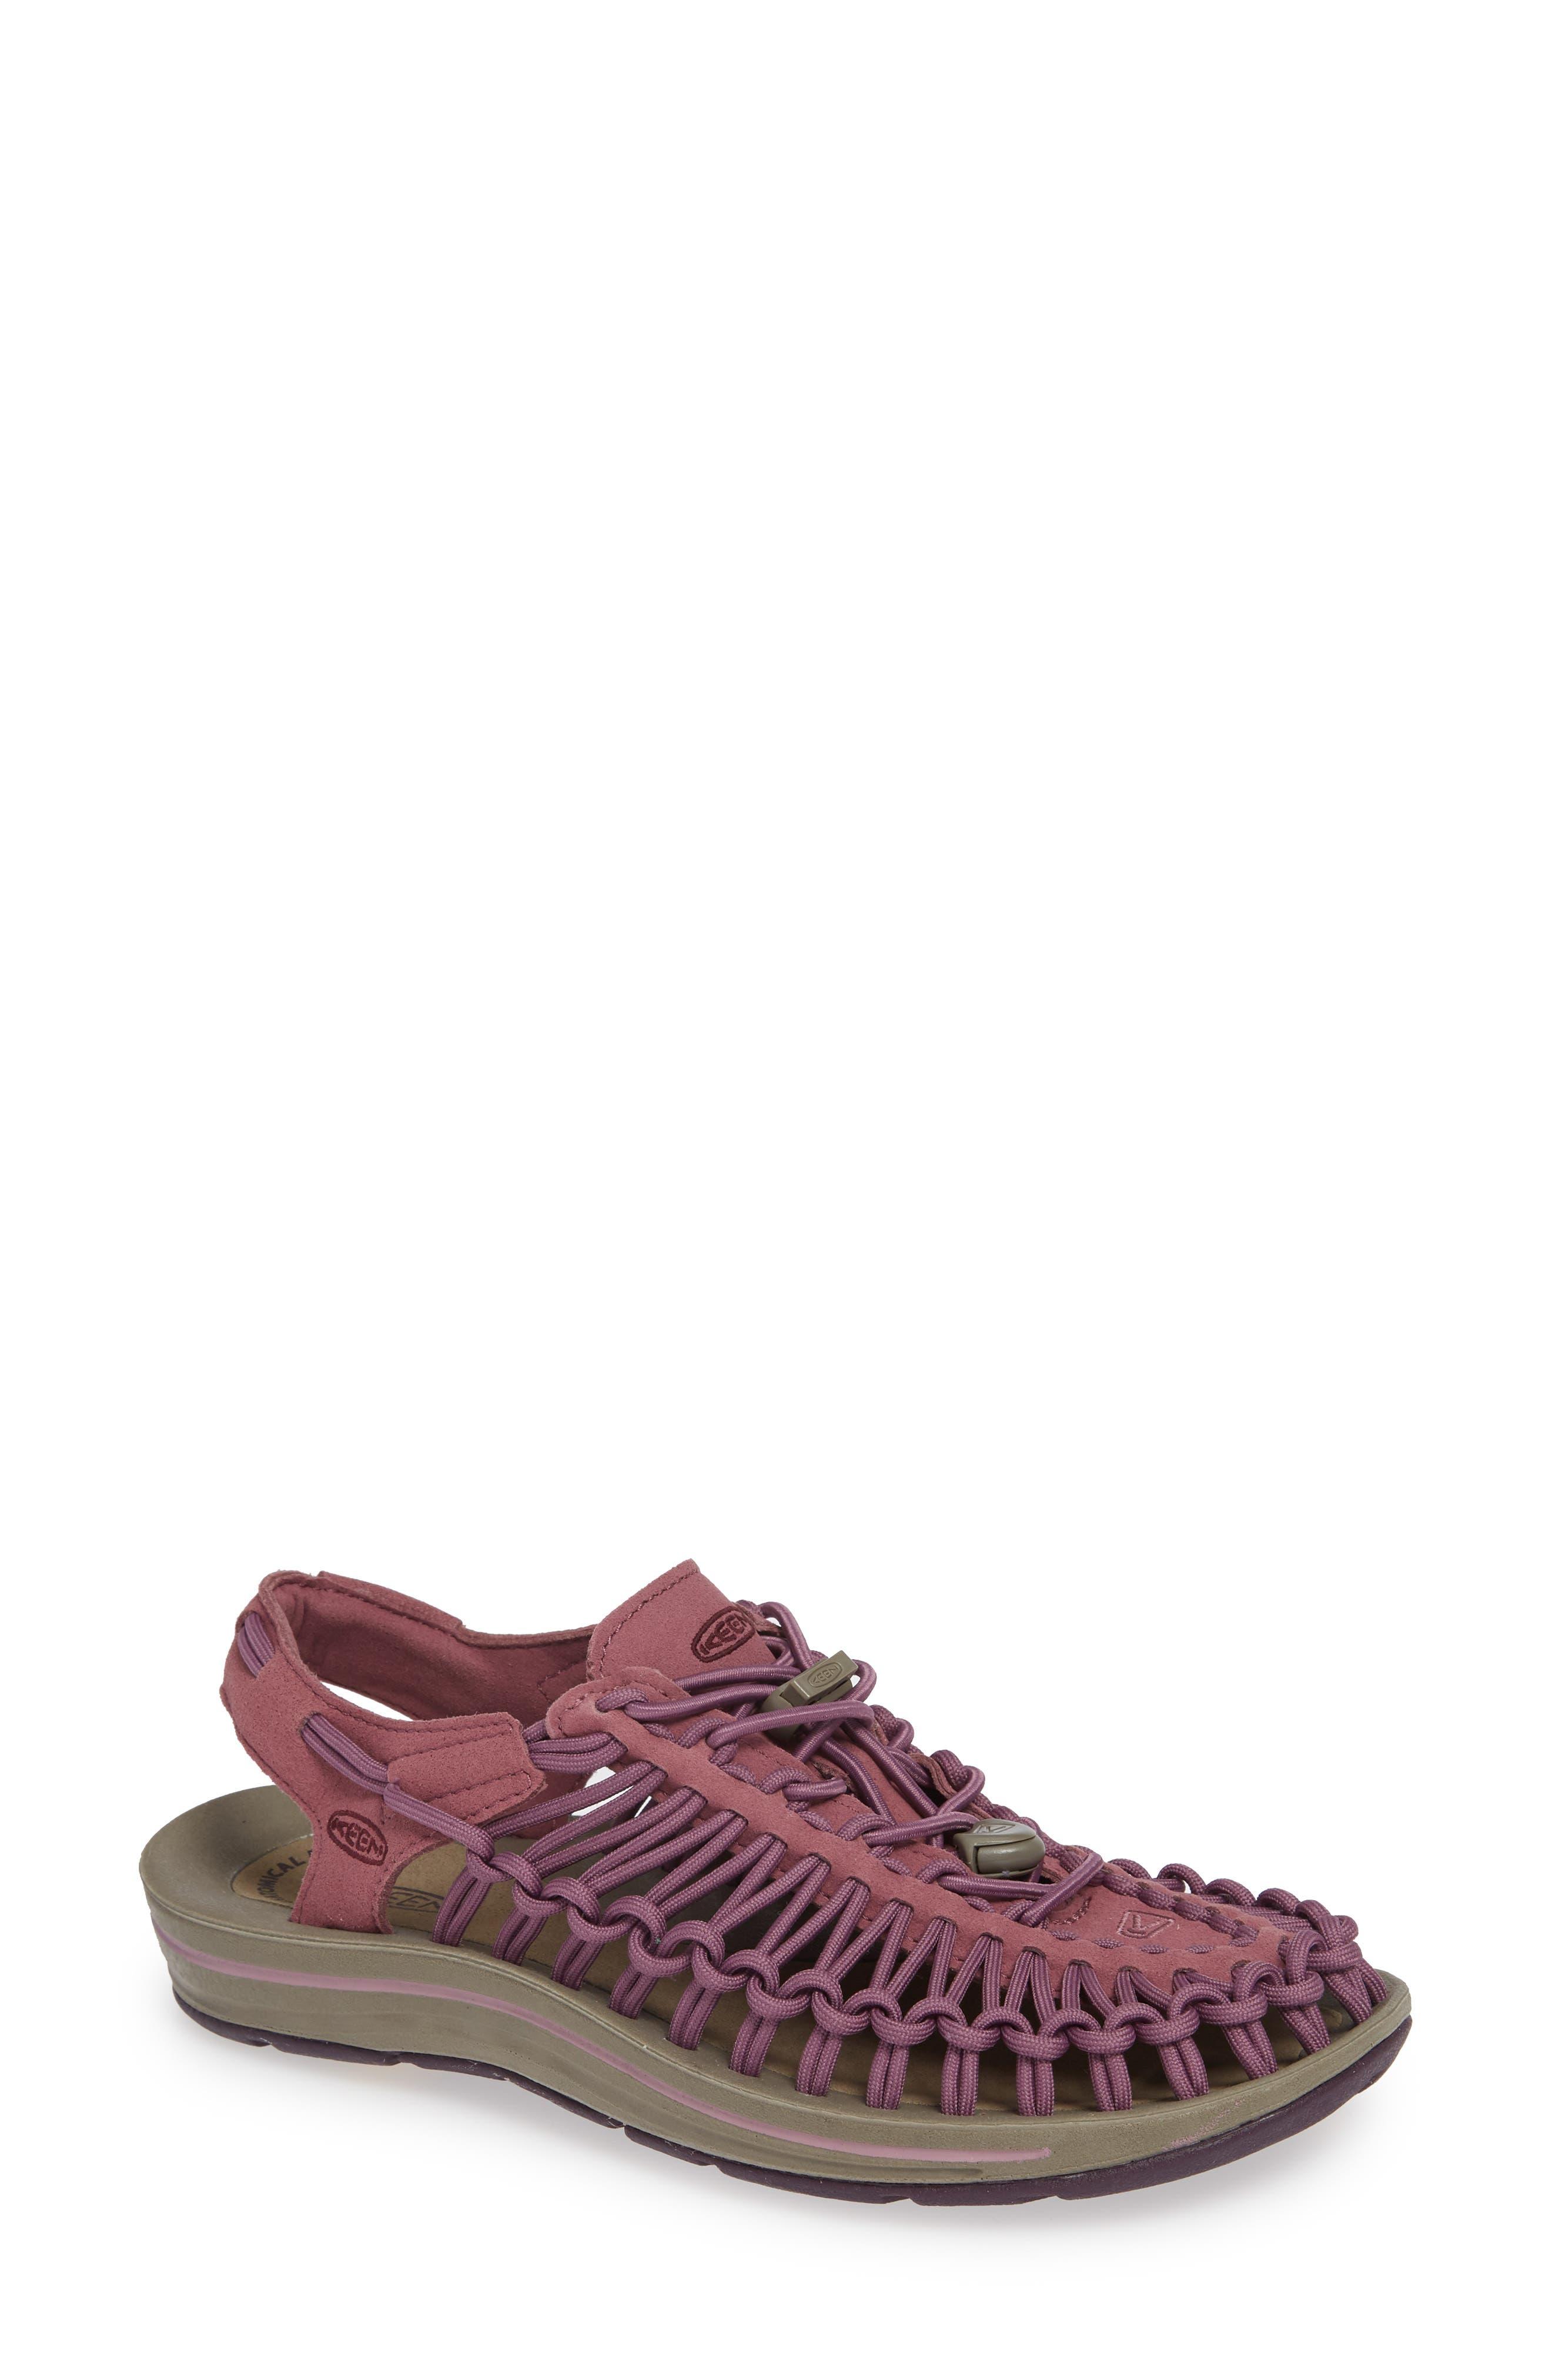 KEEN, 'Uneek' Water Sneaker, Main thumbnail 1, color, TULIPWOOD/ WINETASTING